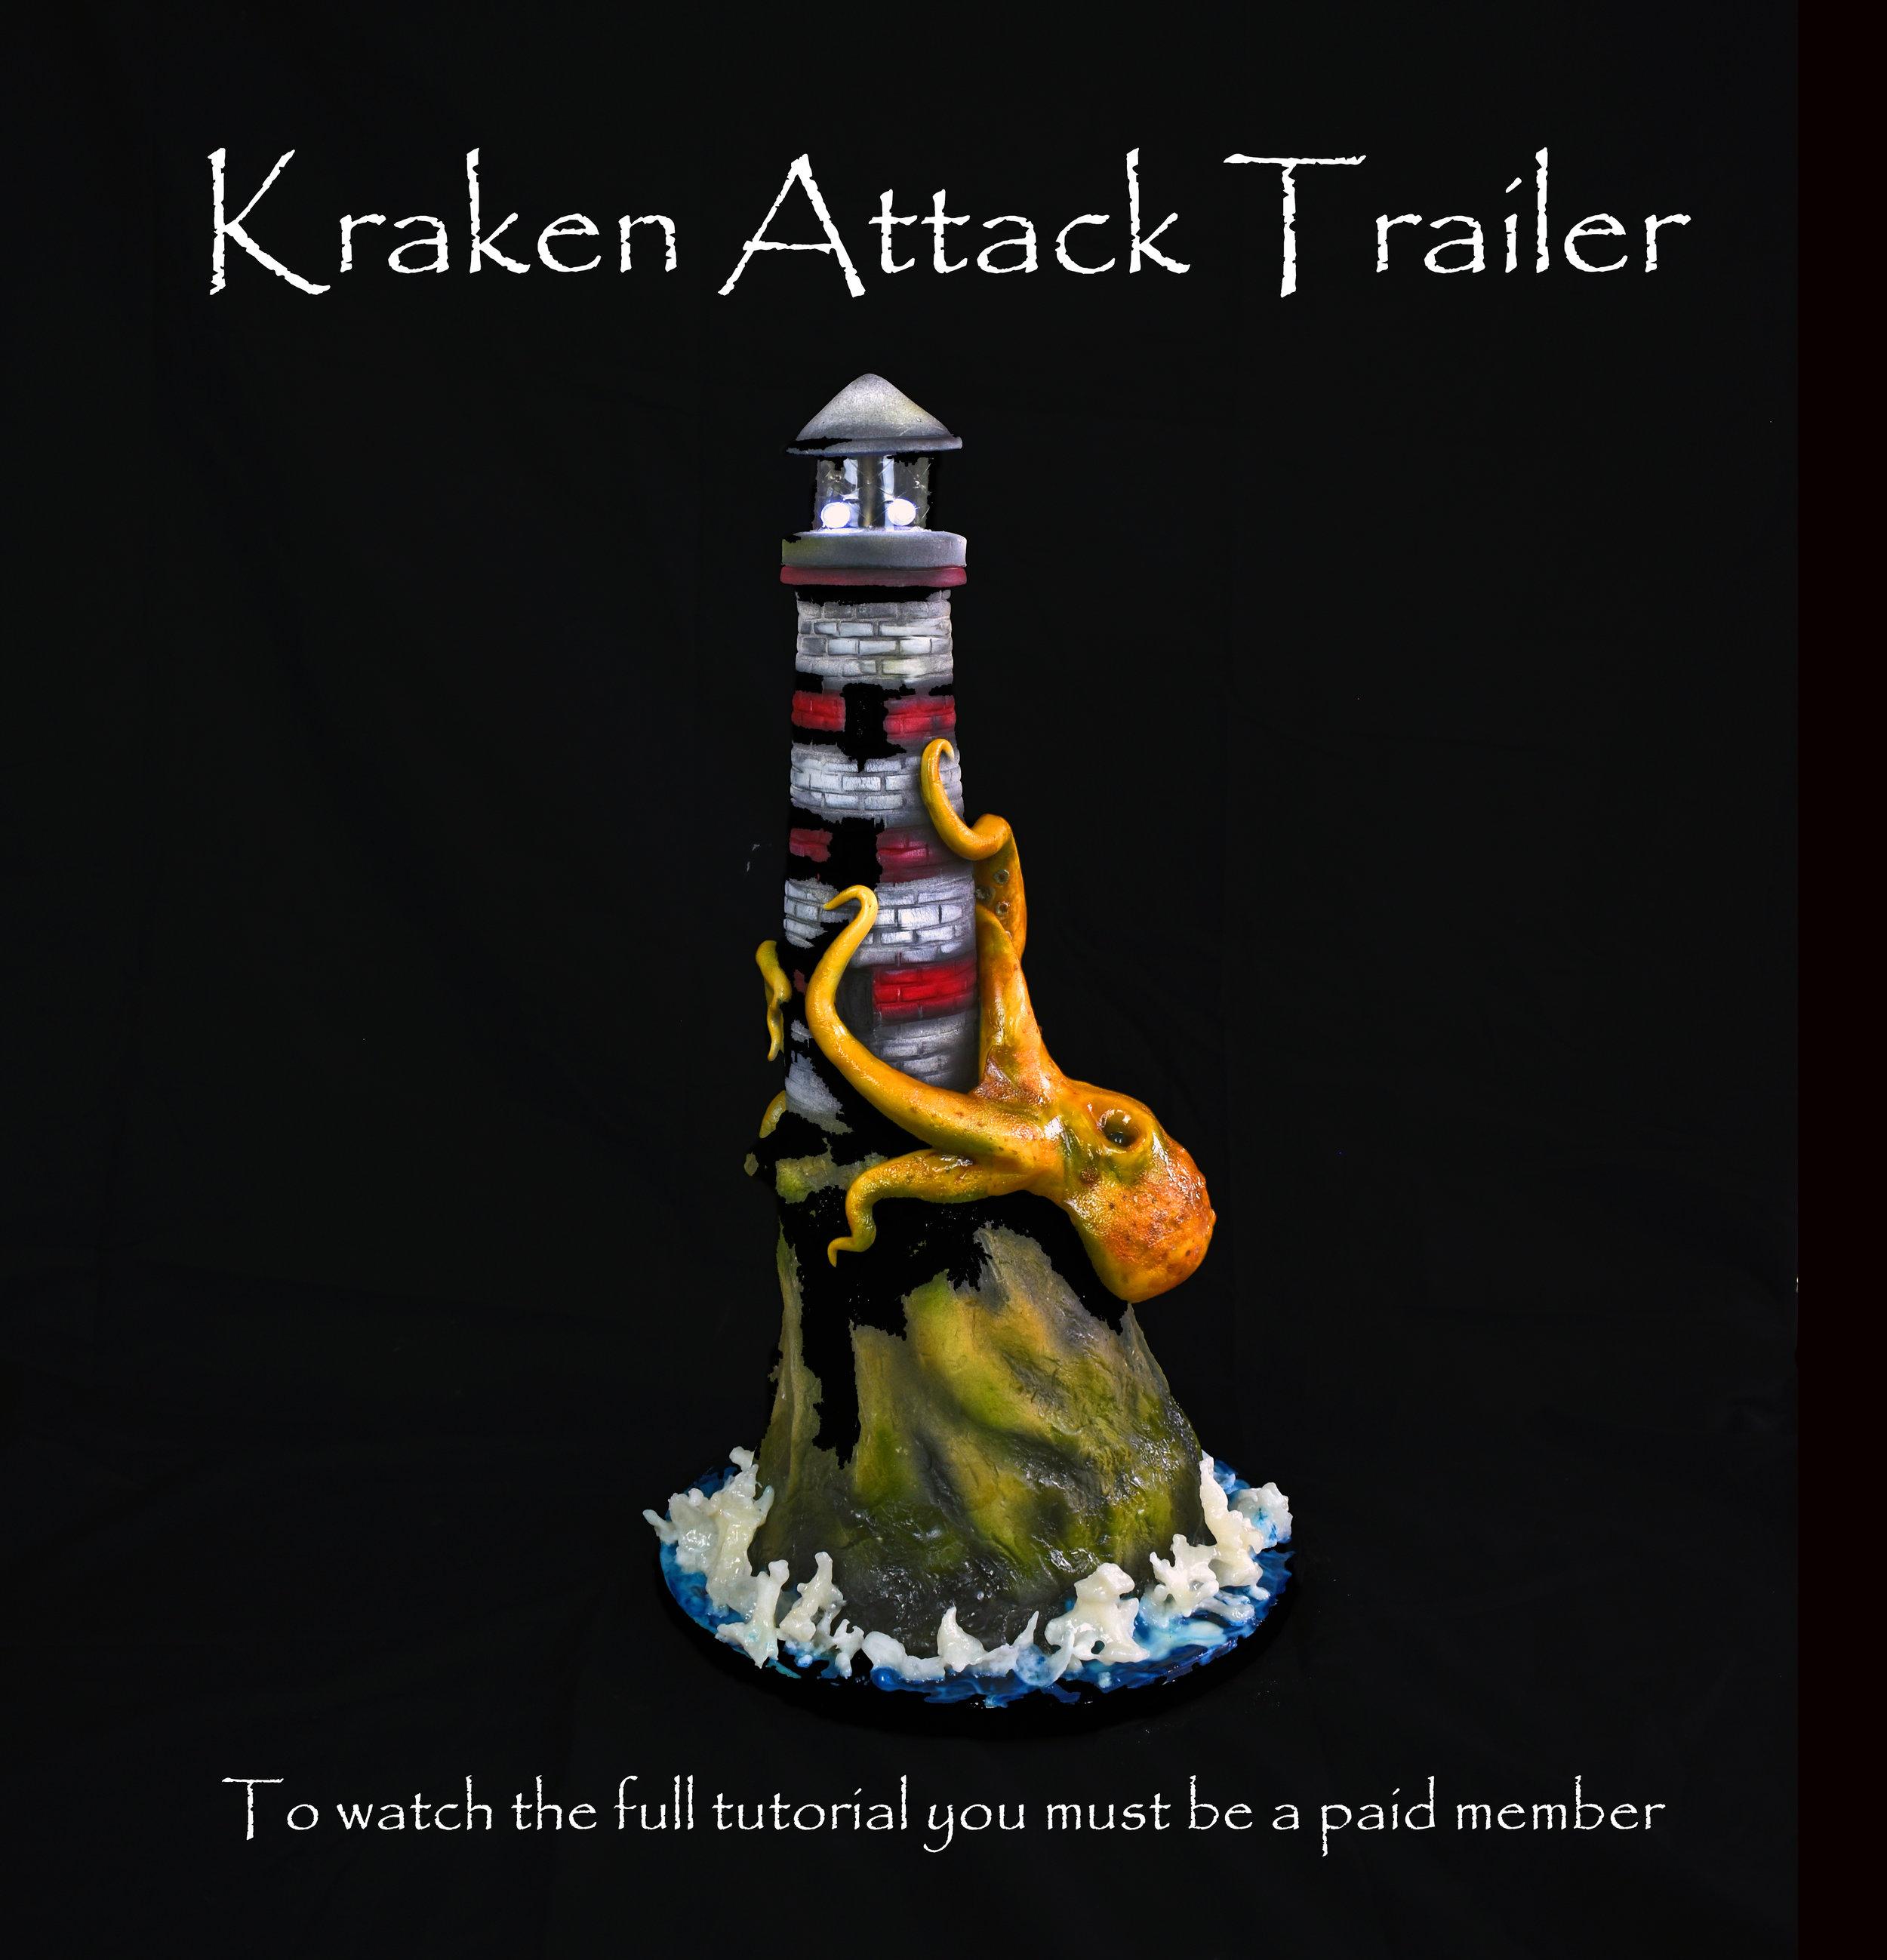 kraken trailer.jpg